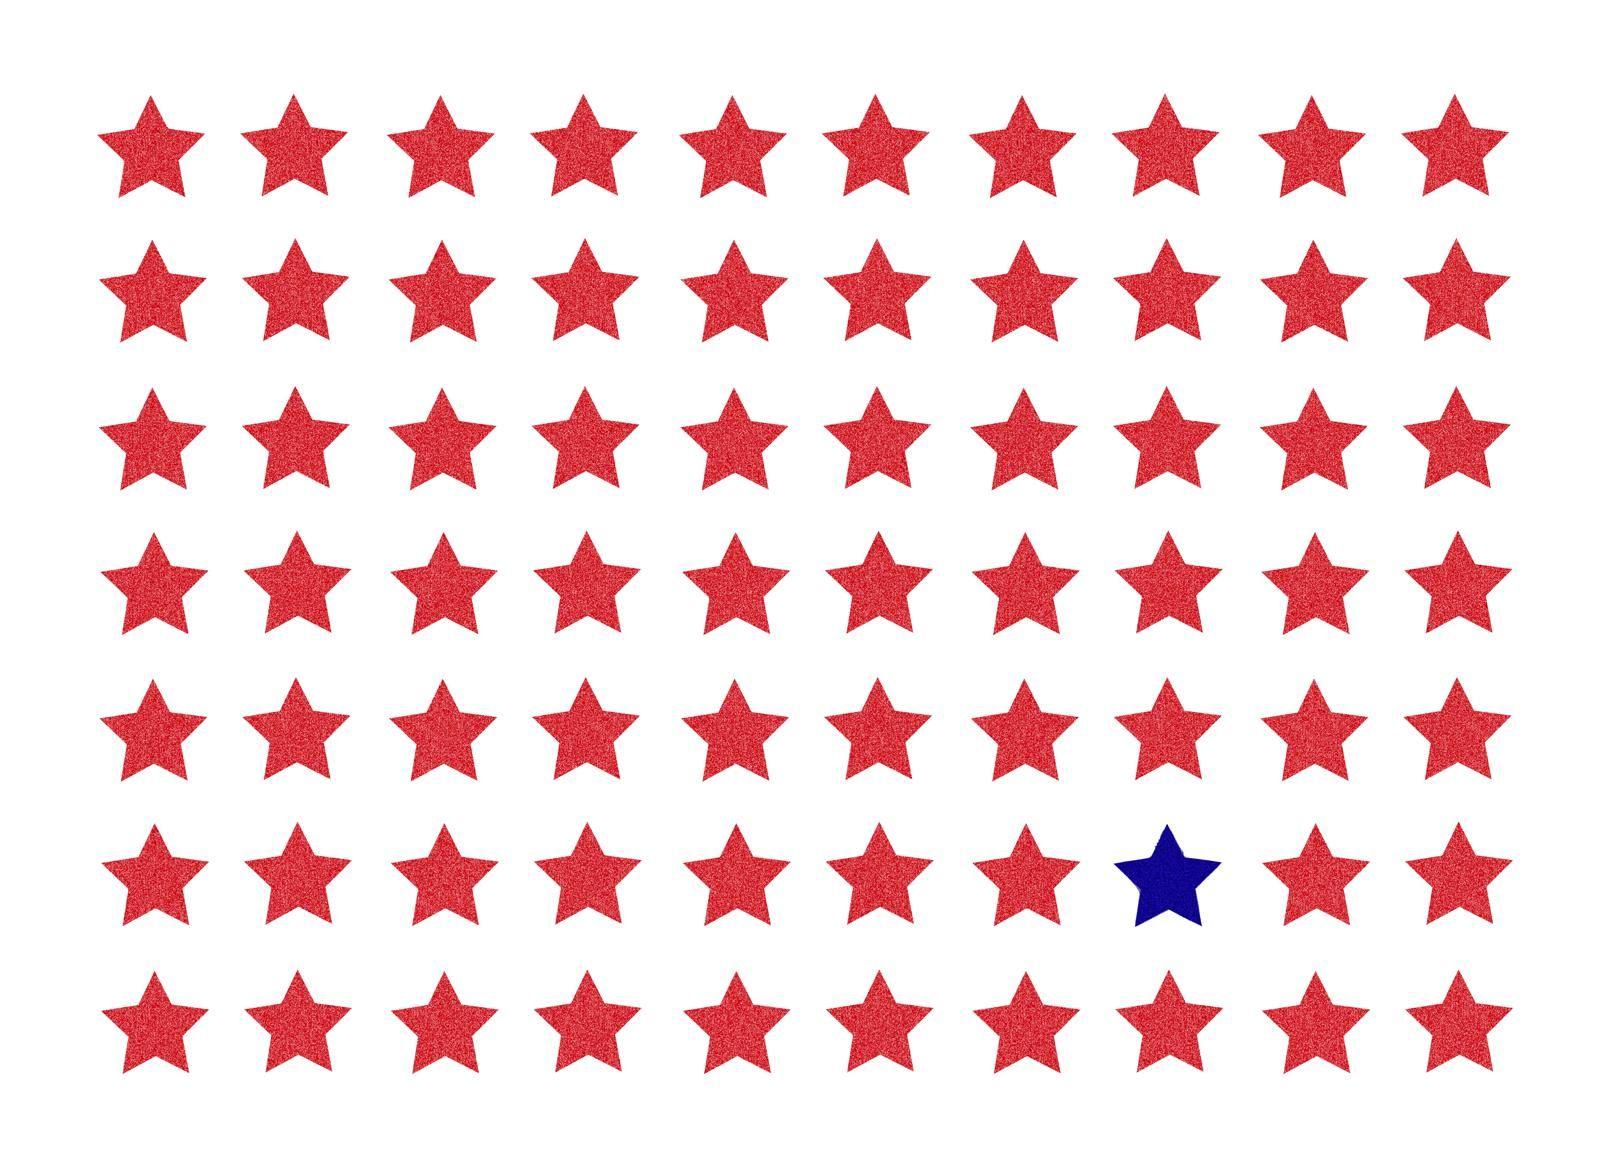 Rot-blau-weißes Kinderzimmer? Wir haben die passenden Sterne dazu ...